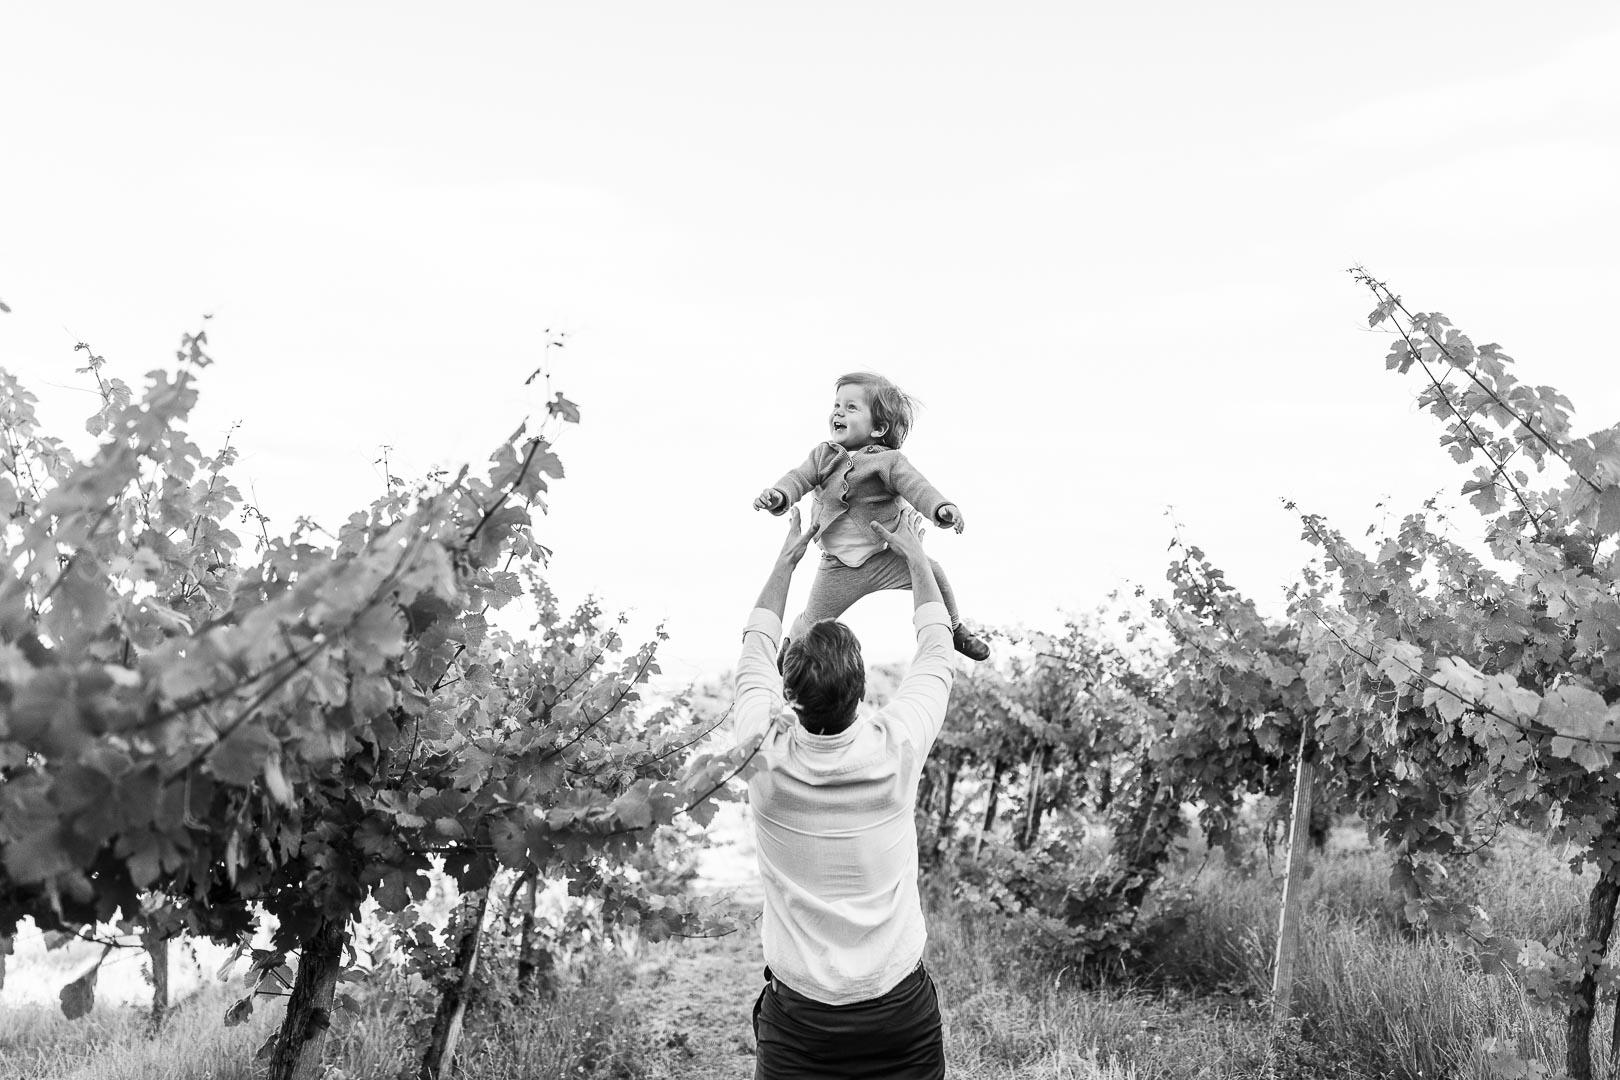 Ein Vater wirft sein Kind in die Luft